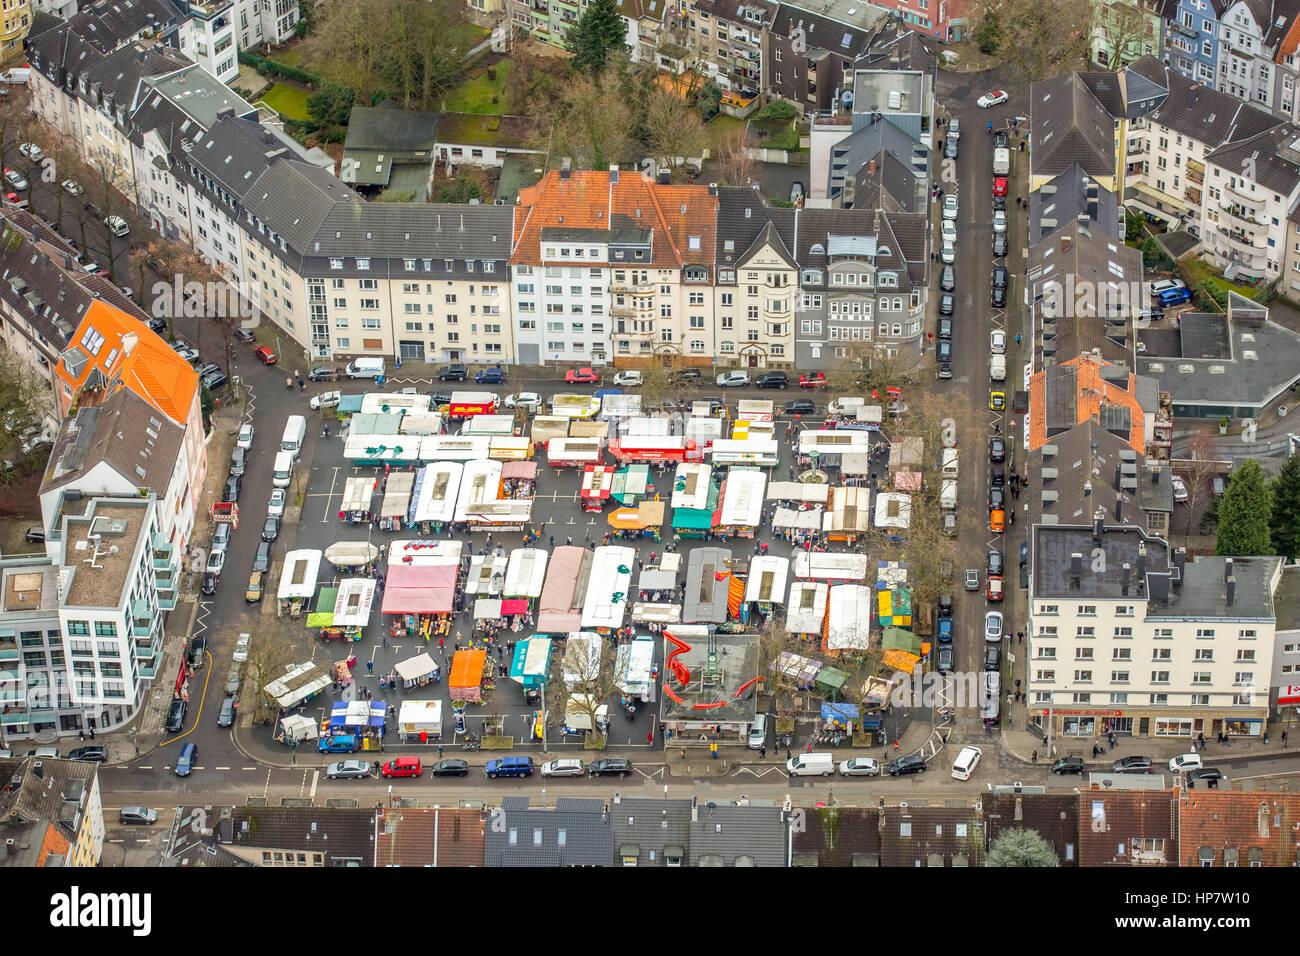 Market place, Rüttenscheid, Rüttenscheider Platz, market stalls, Klara, Essen, Ruhr, Nordrhein-Westfalen, - Stock Image